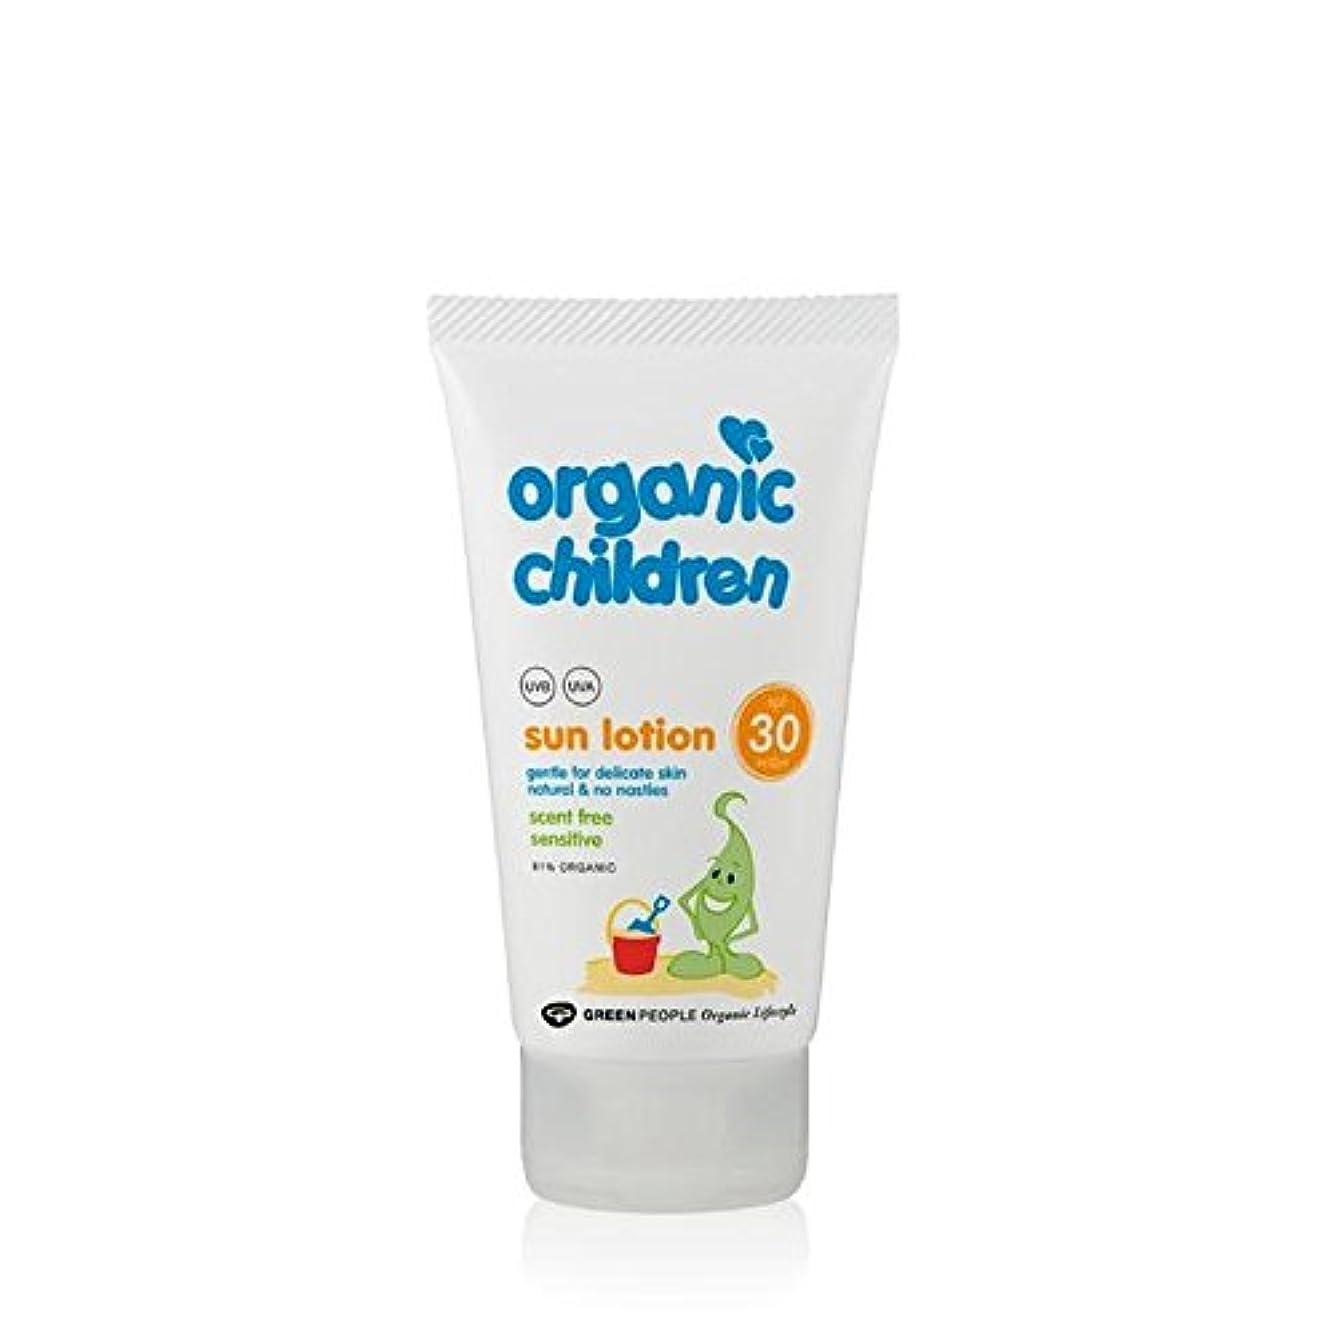 疼痛維持ホイストOrganic Children SPF30 Scent Free Sun Lotion 150ml (Pack of 6) - 有機子ども30の香り無料のサンローション150 x6 [並行輸入品]